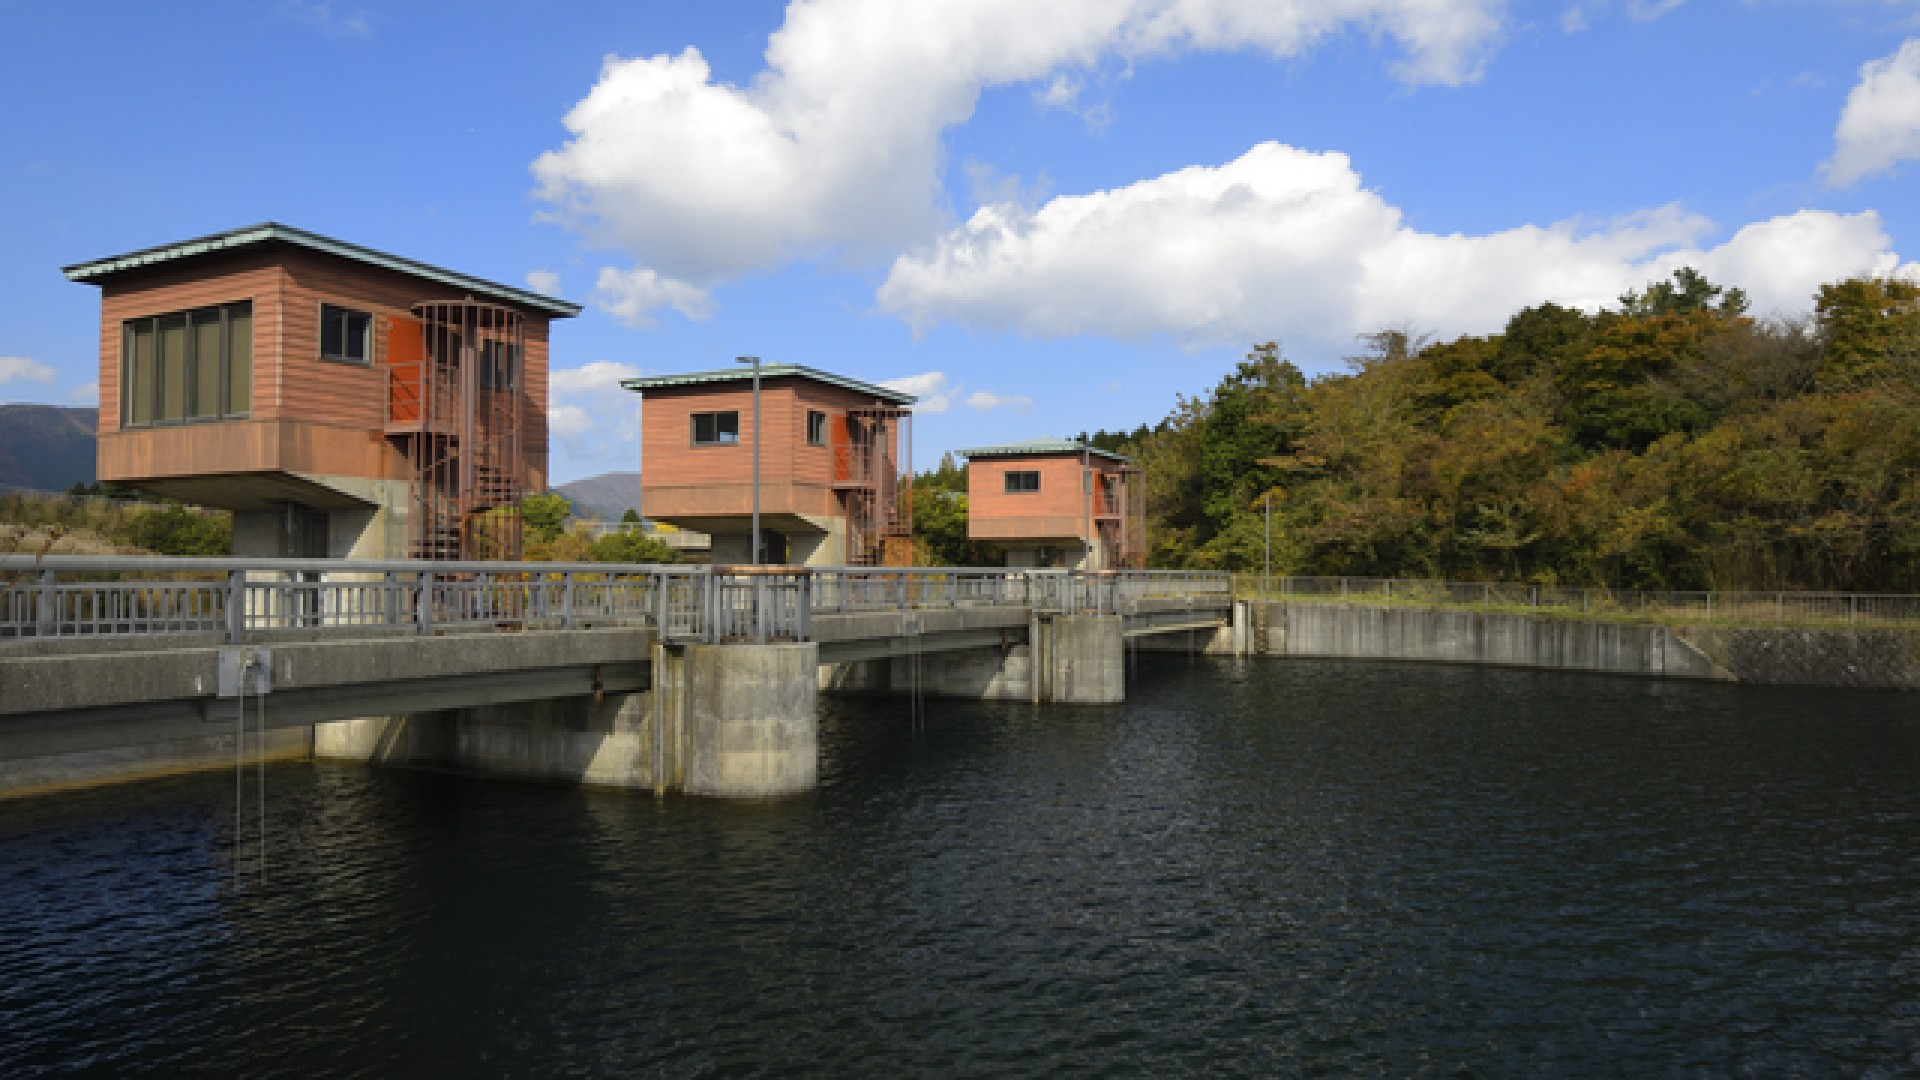 Kojiri Suimon (Wassertor)